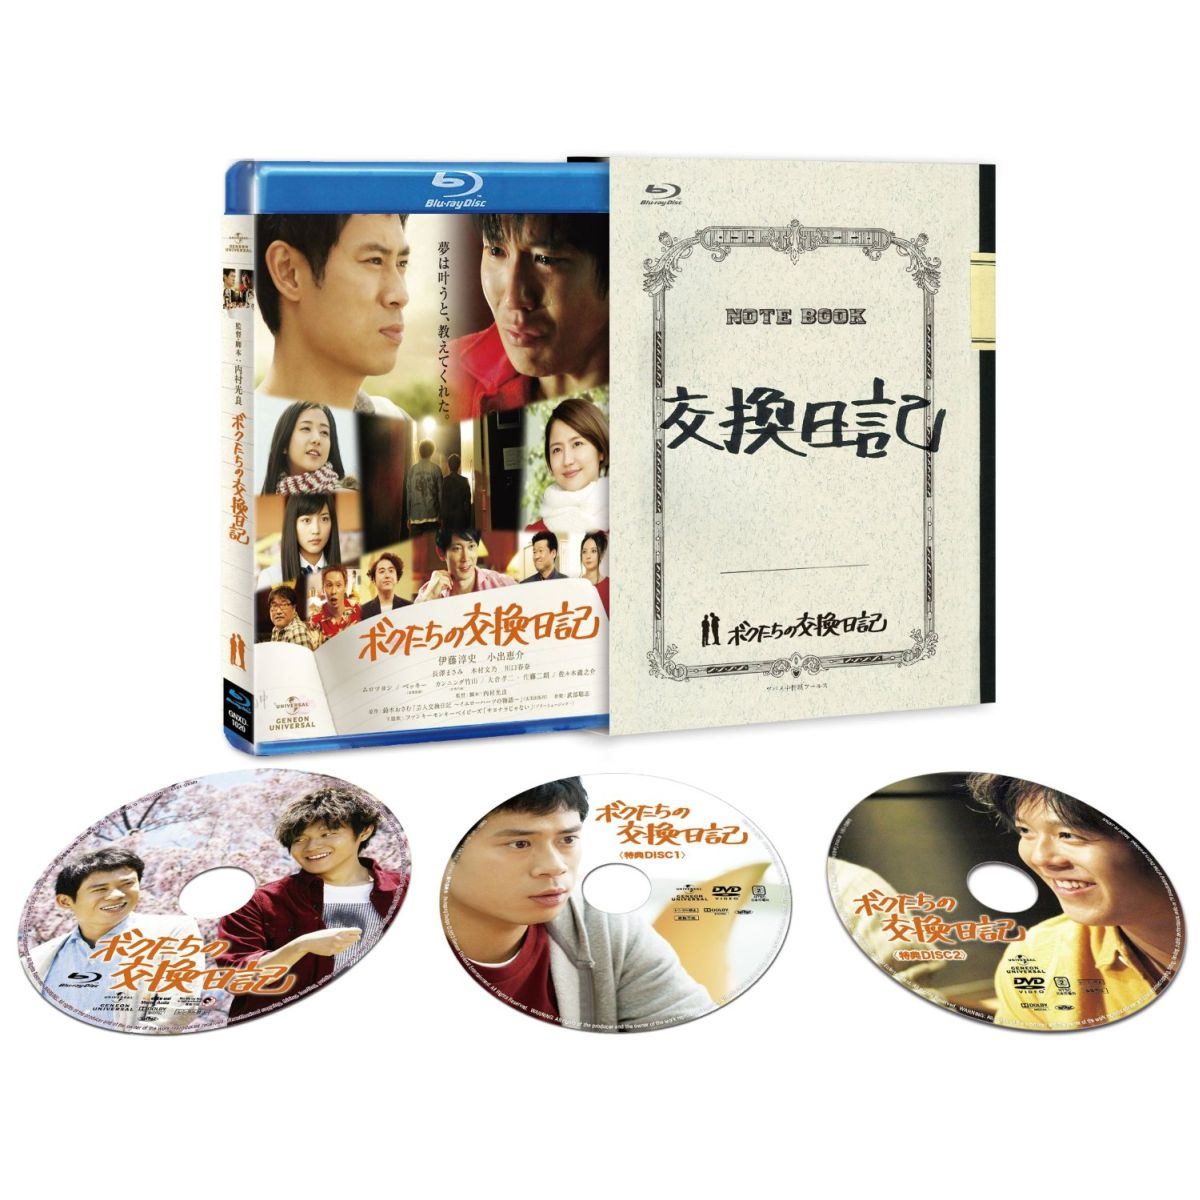 ボクたちの交換日記【Blu-ray】[伊藤淳史] 楽天ブックス: ボクたちの交換日記 【初回限定